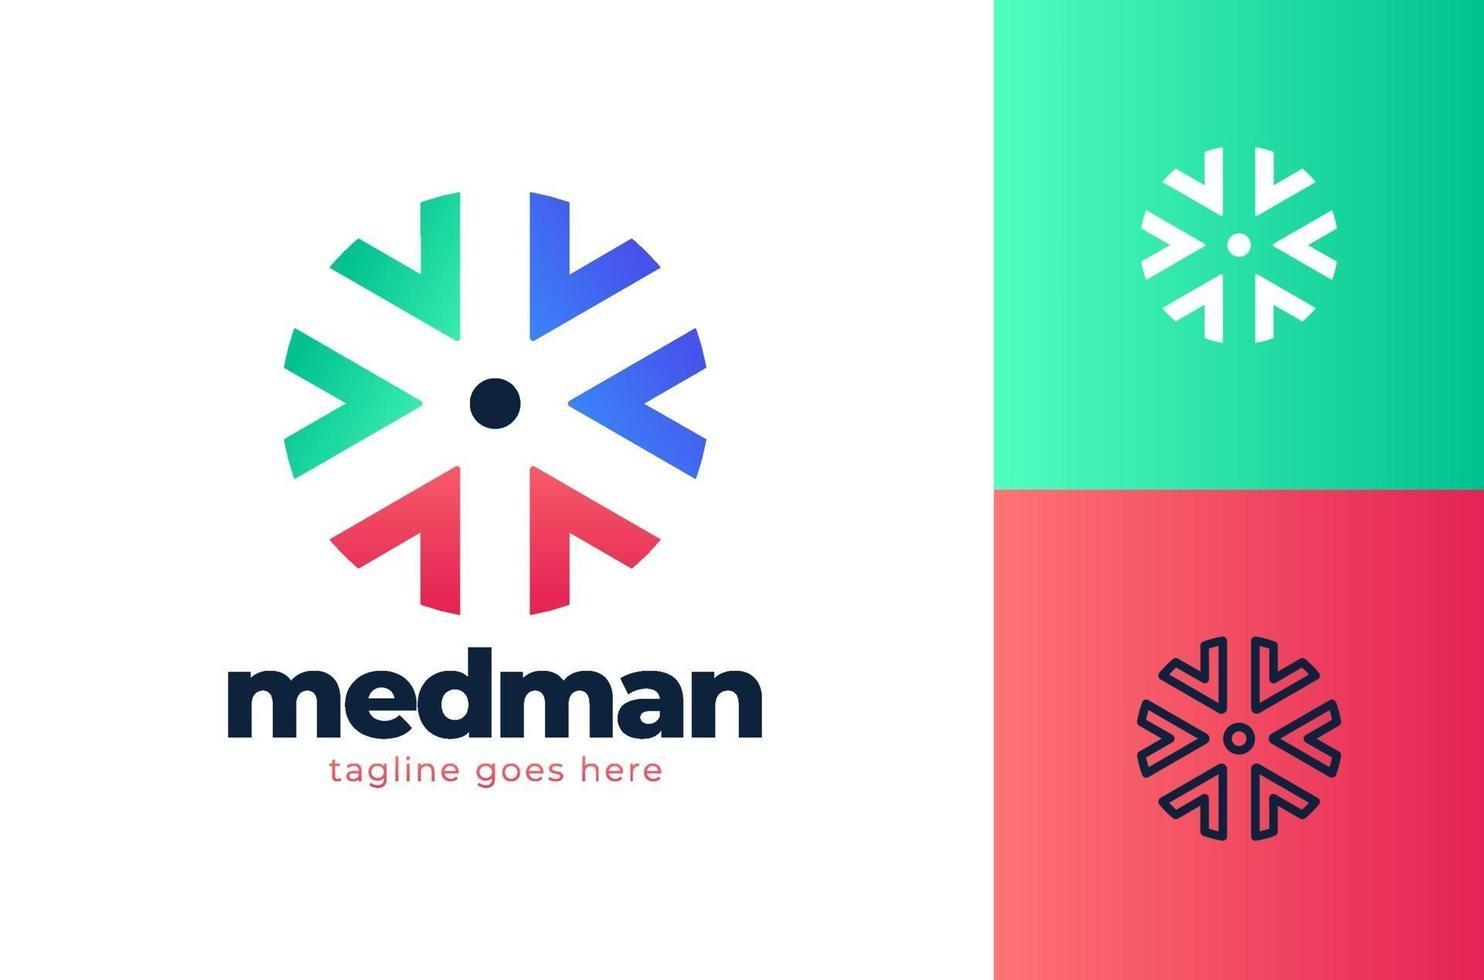 kreativ hälsovård koncept logotyp formgivningsmall. kors plus medicinsk logo ikon designelement mall vektor